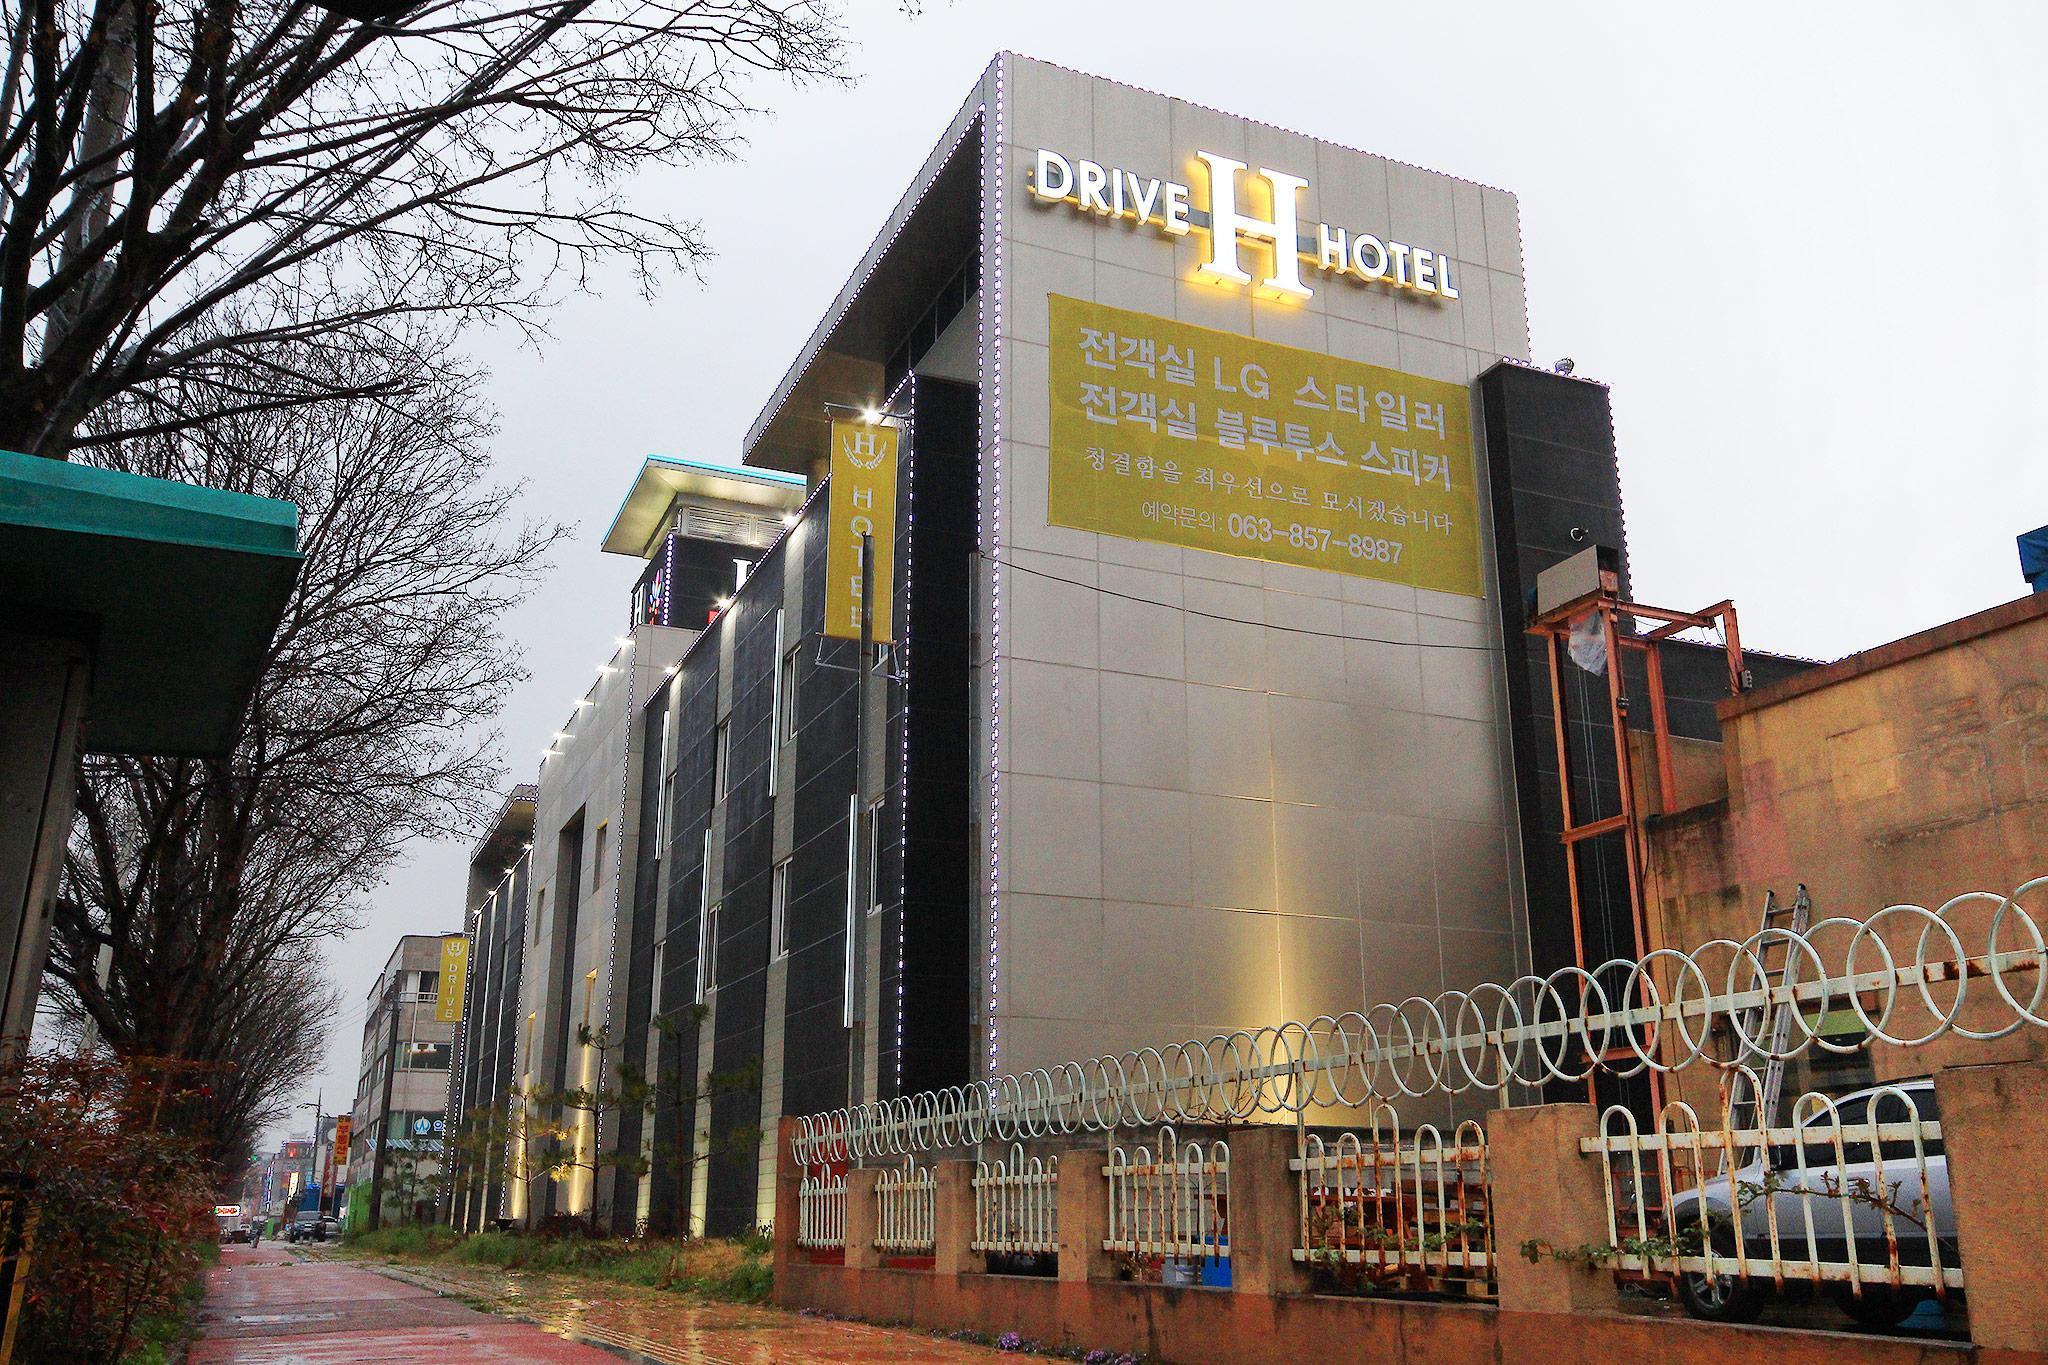 H Drive Hotel, Iksan